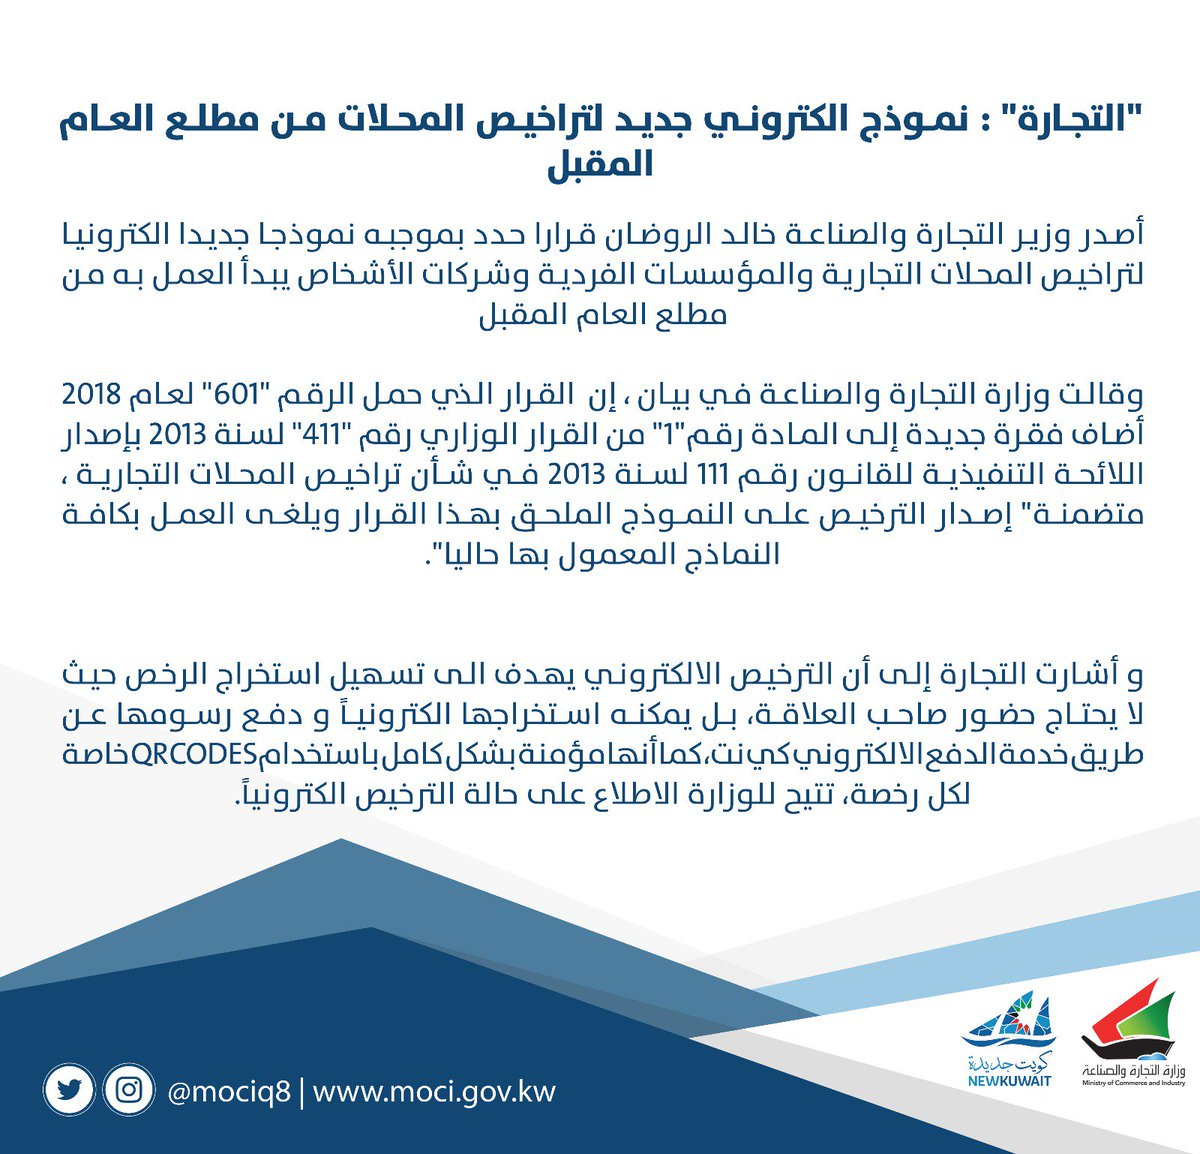 وزارة التجارة On Twitter نموذج إلكتروني جديد لتراخيص المحلات التجارية مطلع العام المقبل